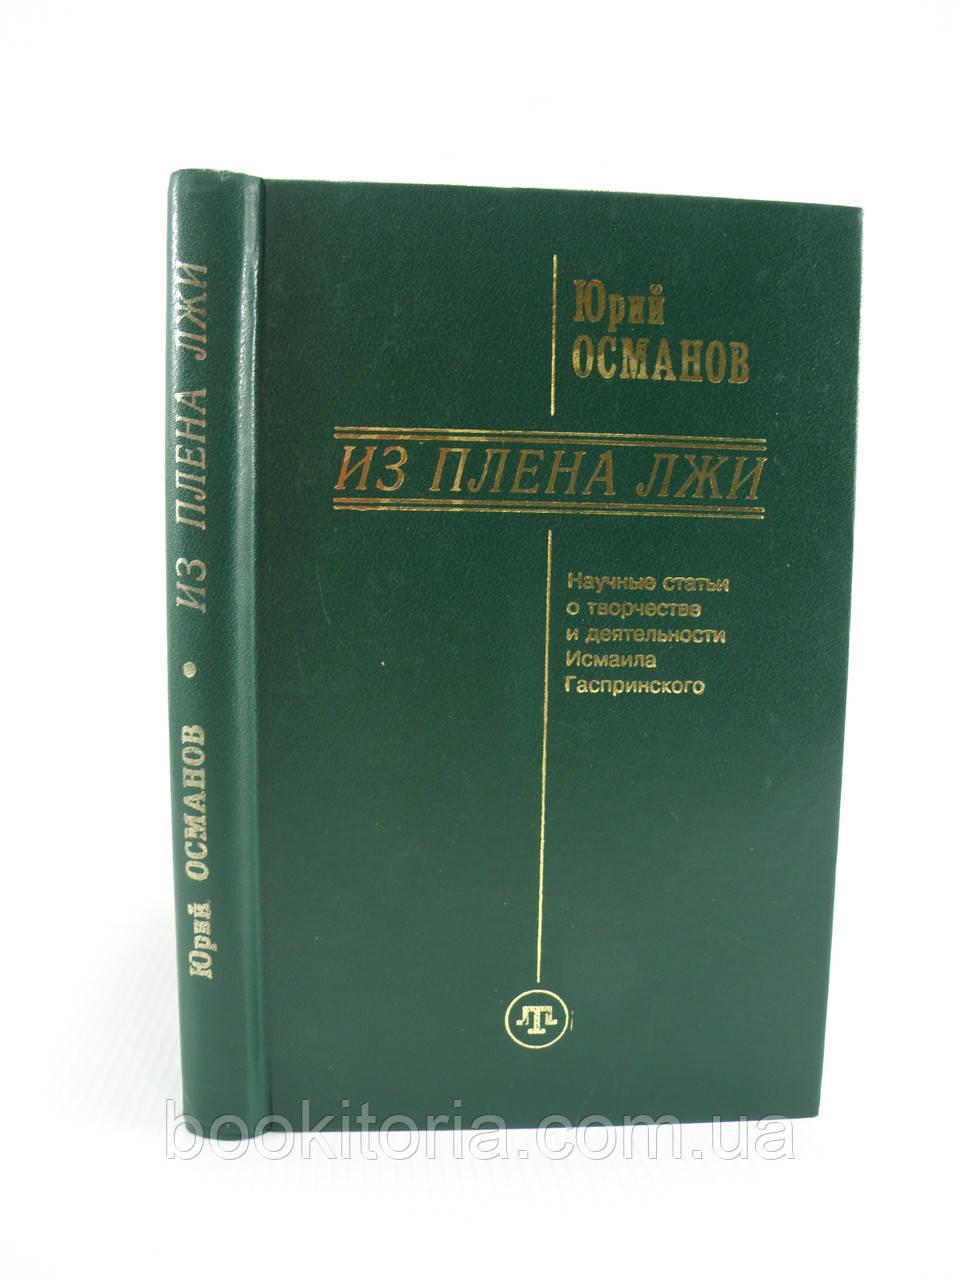 Османов Ю. Из плена лжи (б/у).